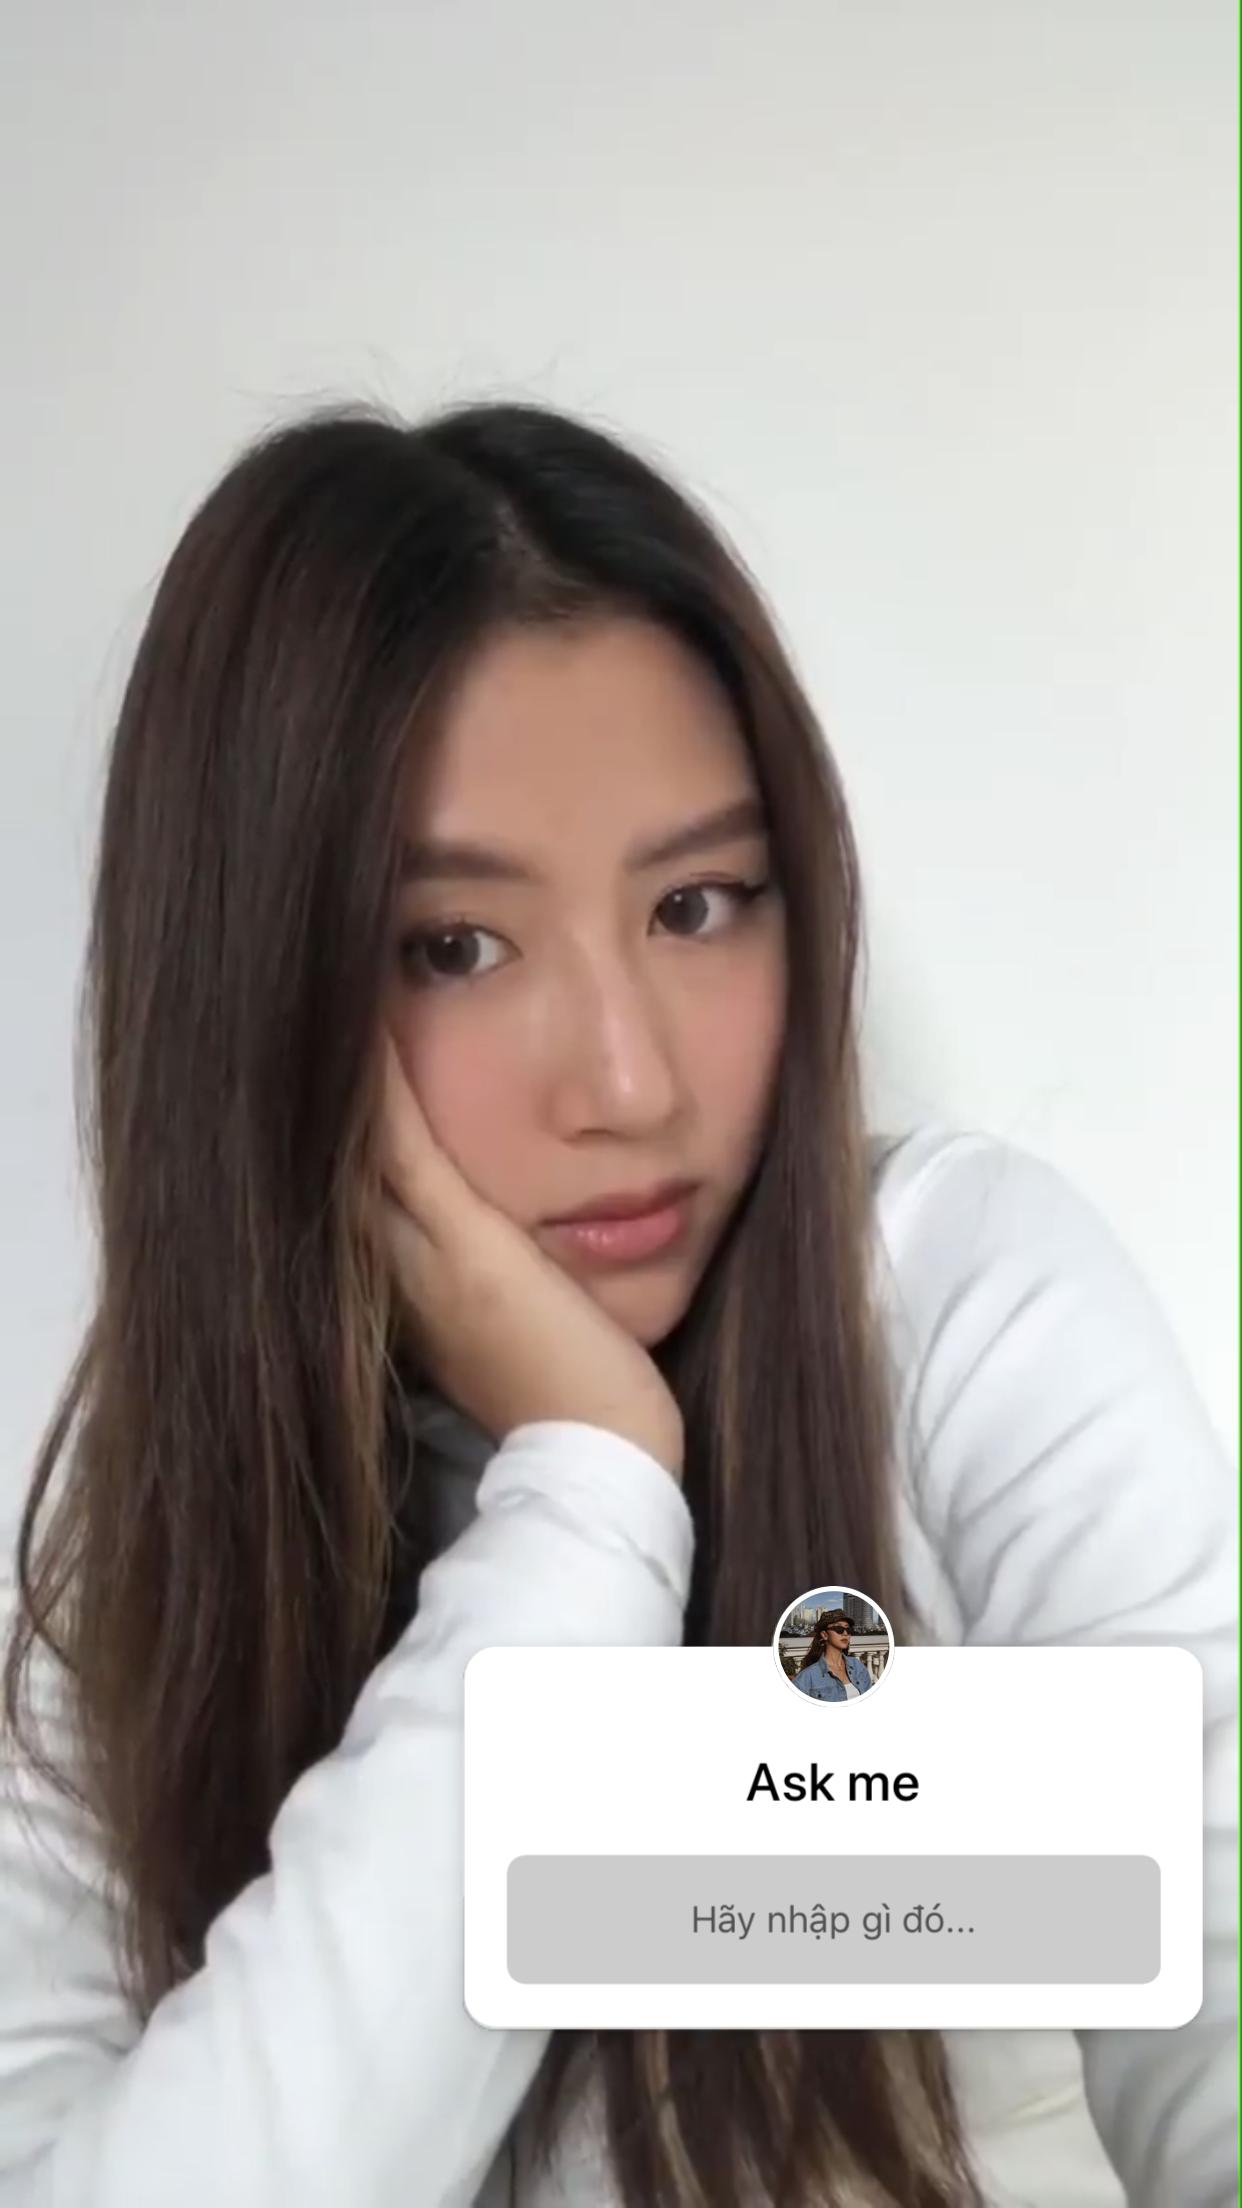 Tuy là người đến sau muộn màng nhưng Quỳnh Anh Shyn mới là nữ hoàng giải trí của trò Hỏi - Đáp trên Instagram - Ảnh 3.